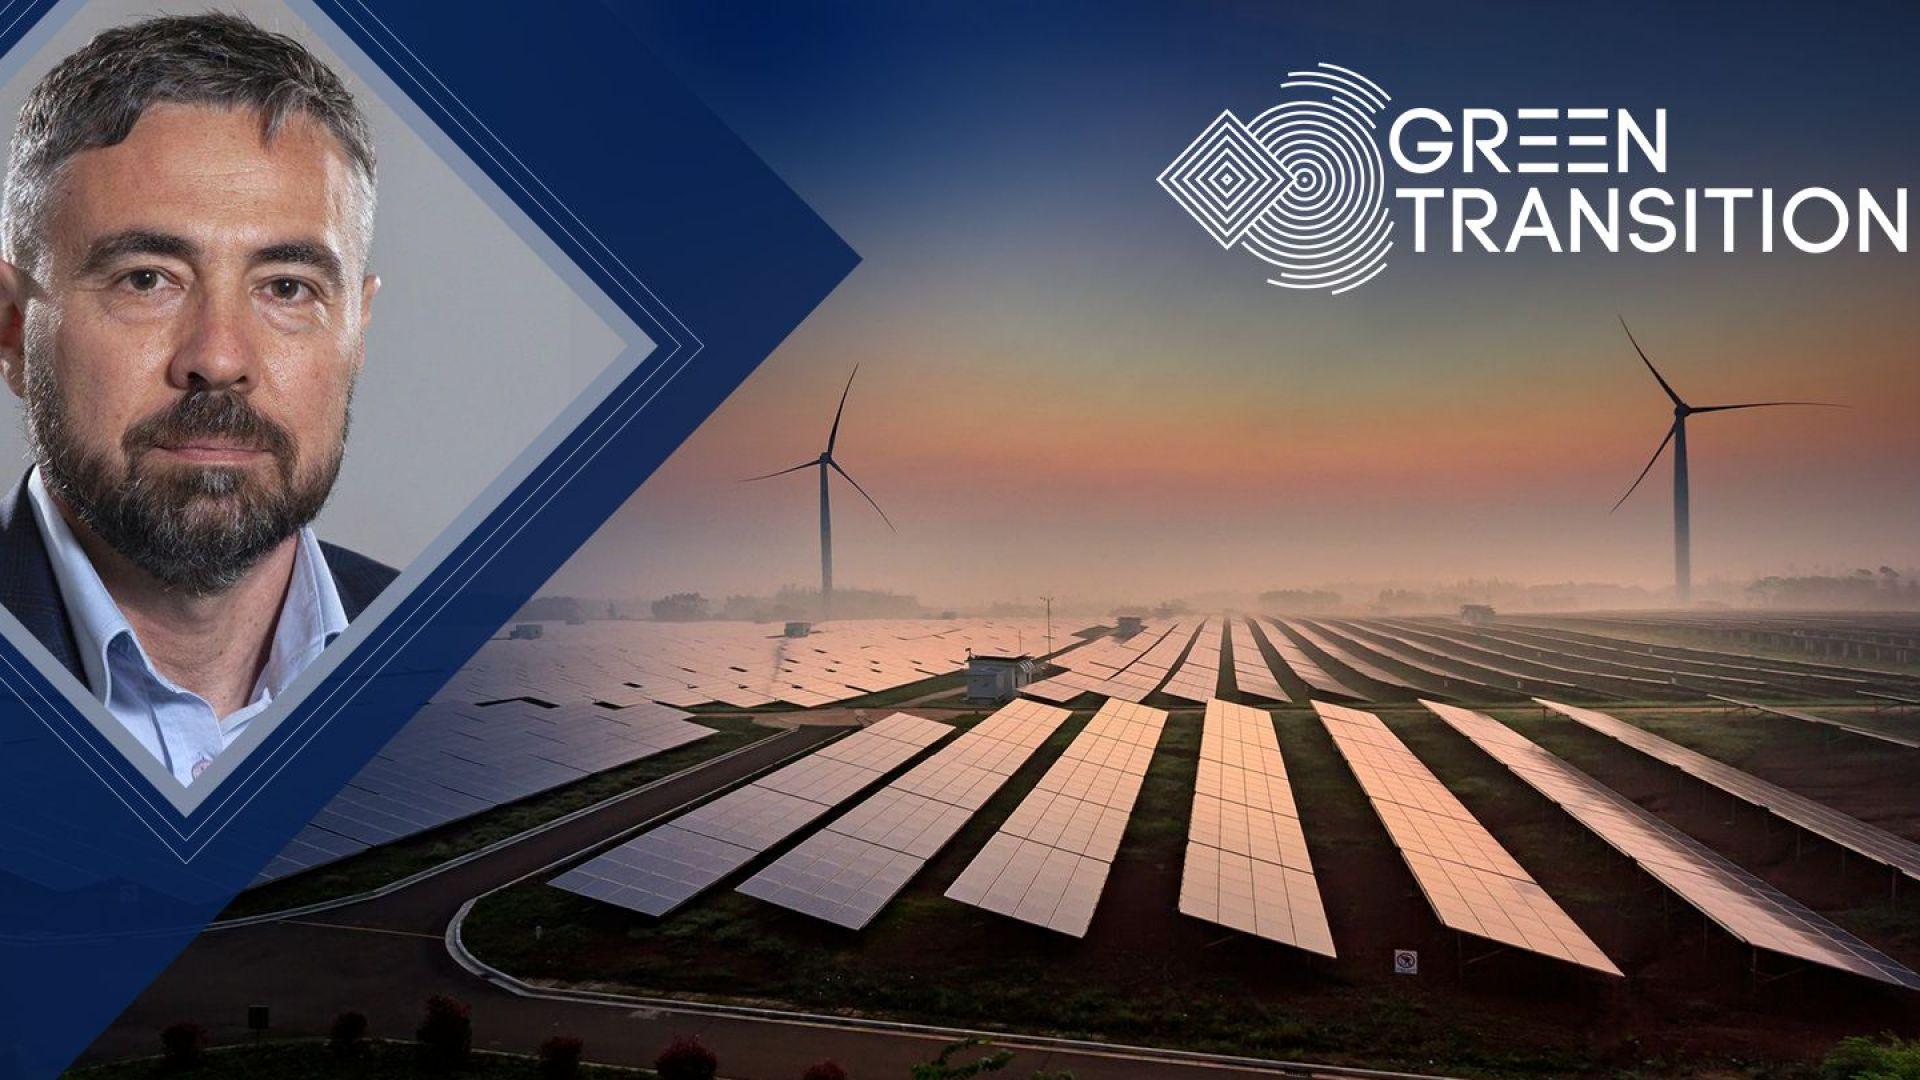 Министър Живков: Работим за плавна и устойчива декарбонизация на енергийния сектор